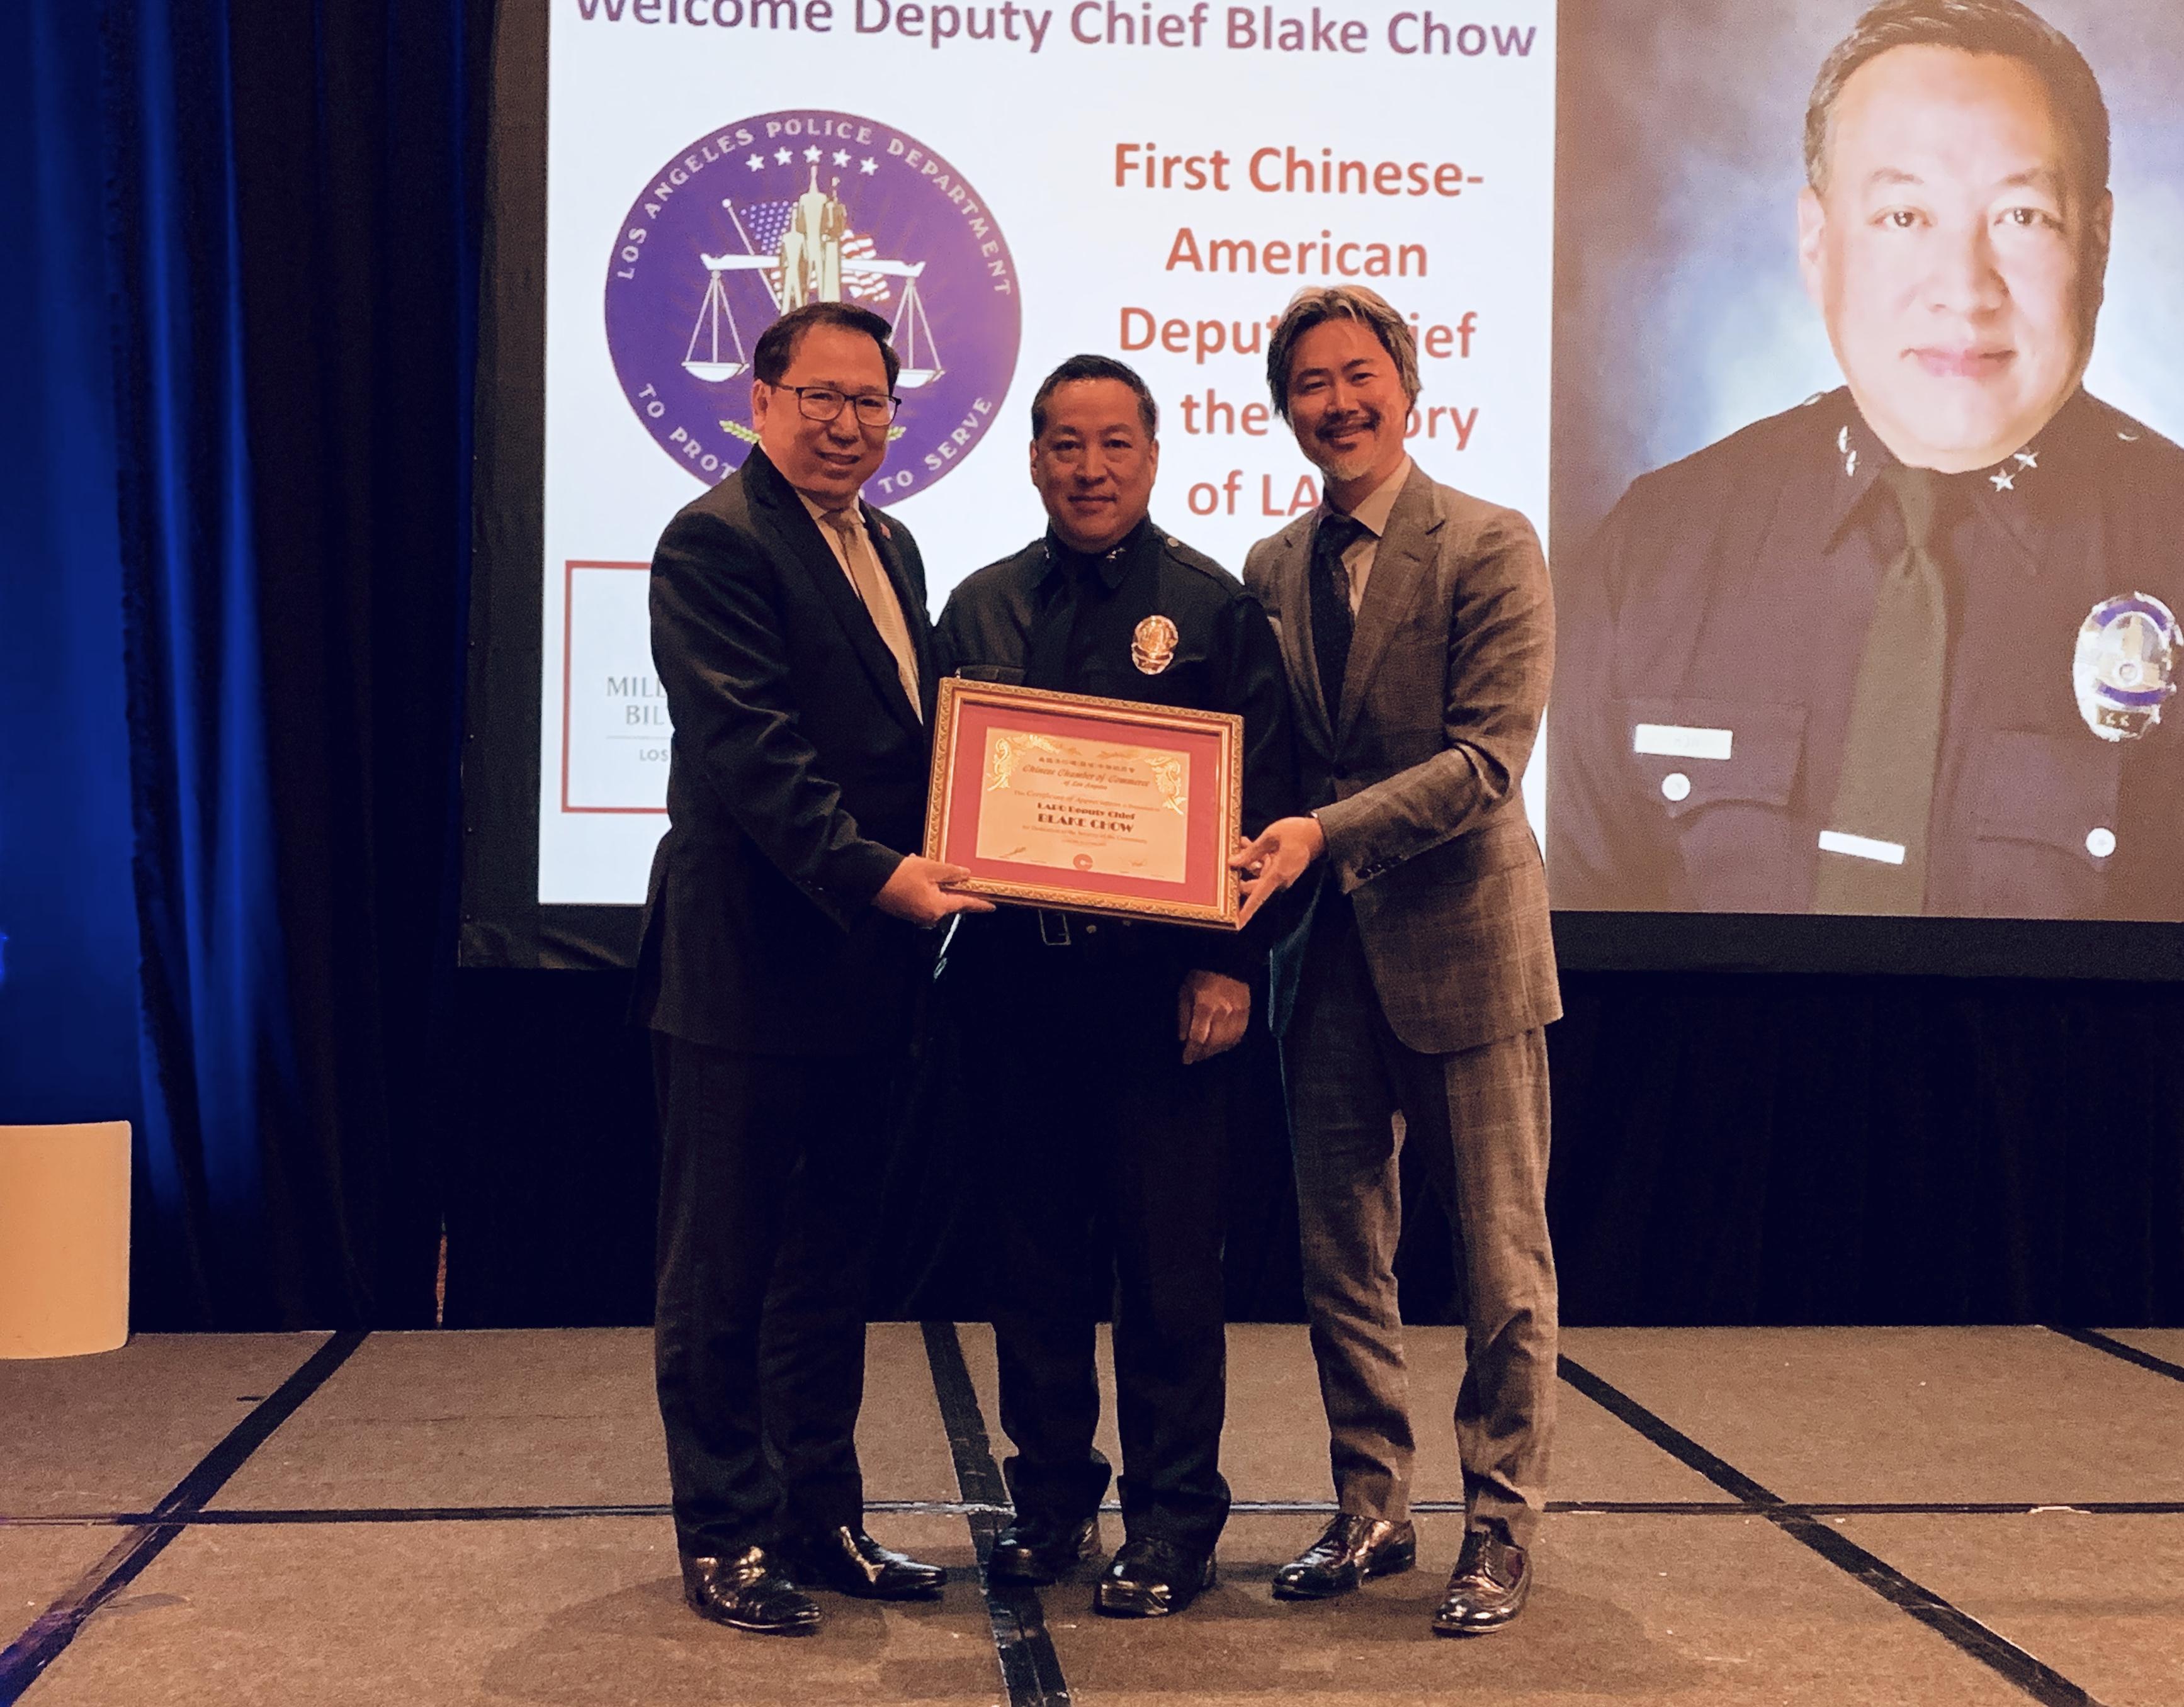 羅省中華總商會主席莊佩源(左)與會長陳嘉汶(右)致贈洛市警局副局長周寶來(中)賀狀。記者黃品瑄攝